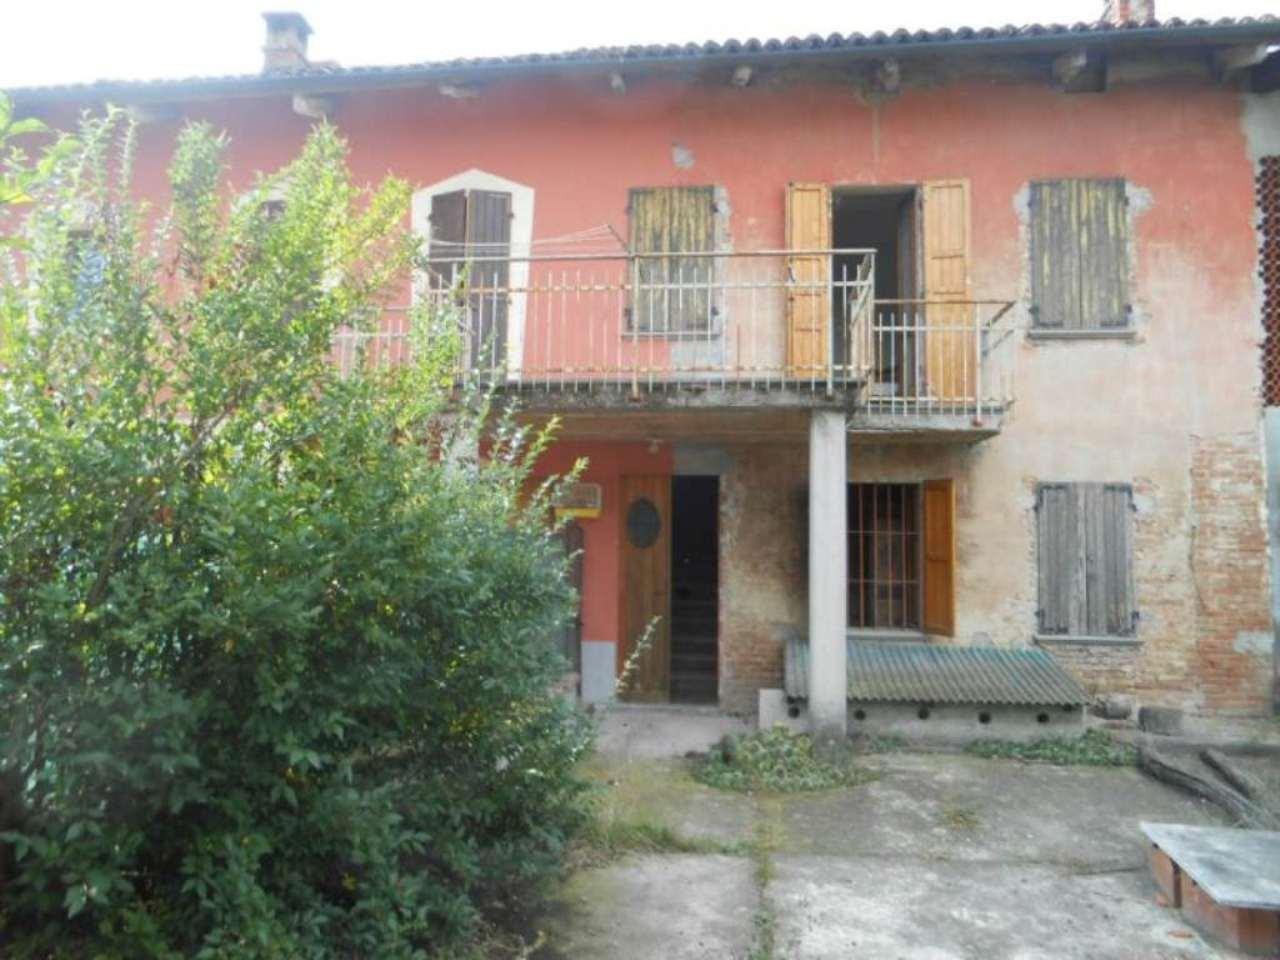 Soluzione Semindipendente in vendita a Camerano Casasco, 5 locali, prezzo € 30.000 | CambioCasa.it